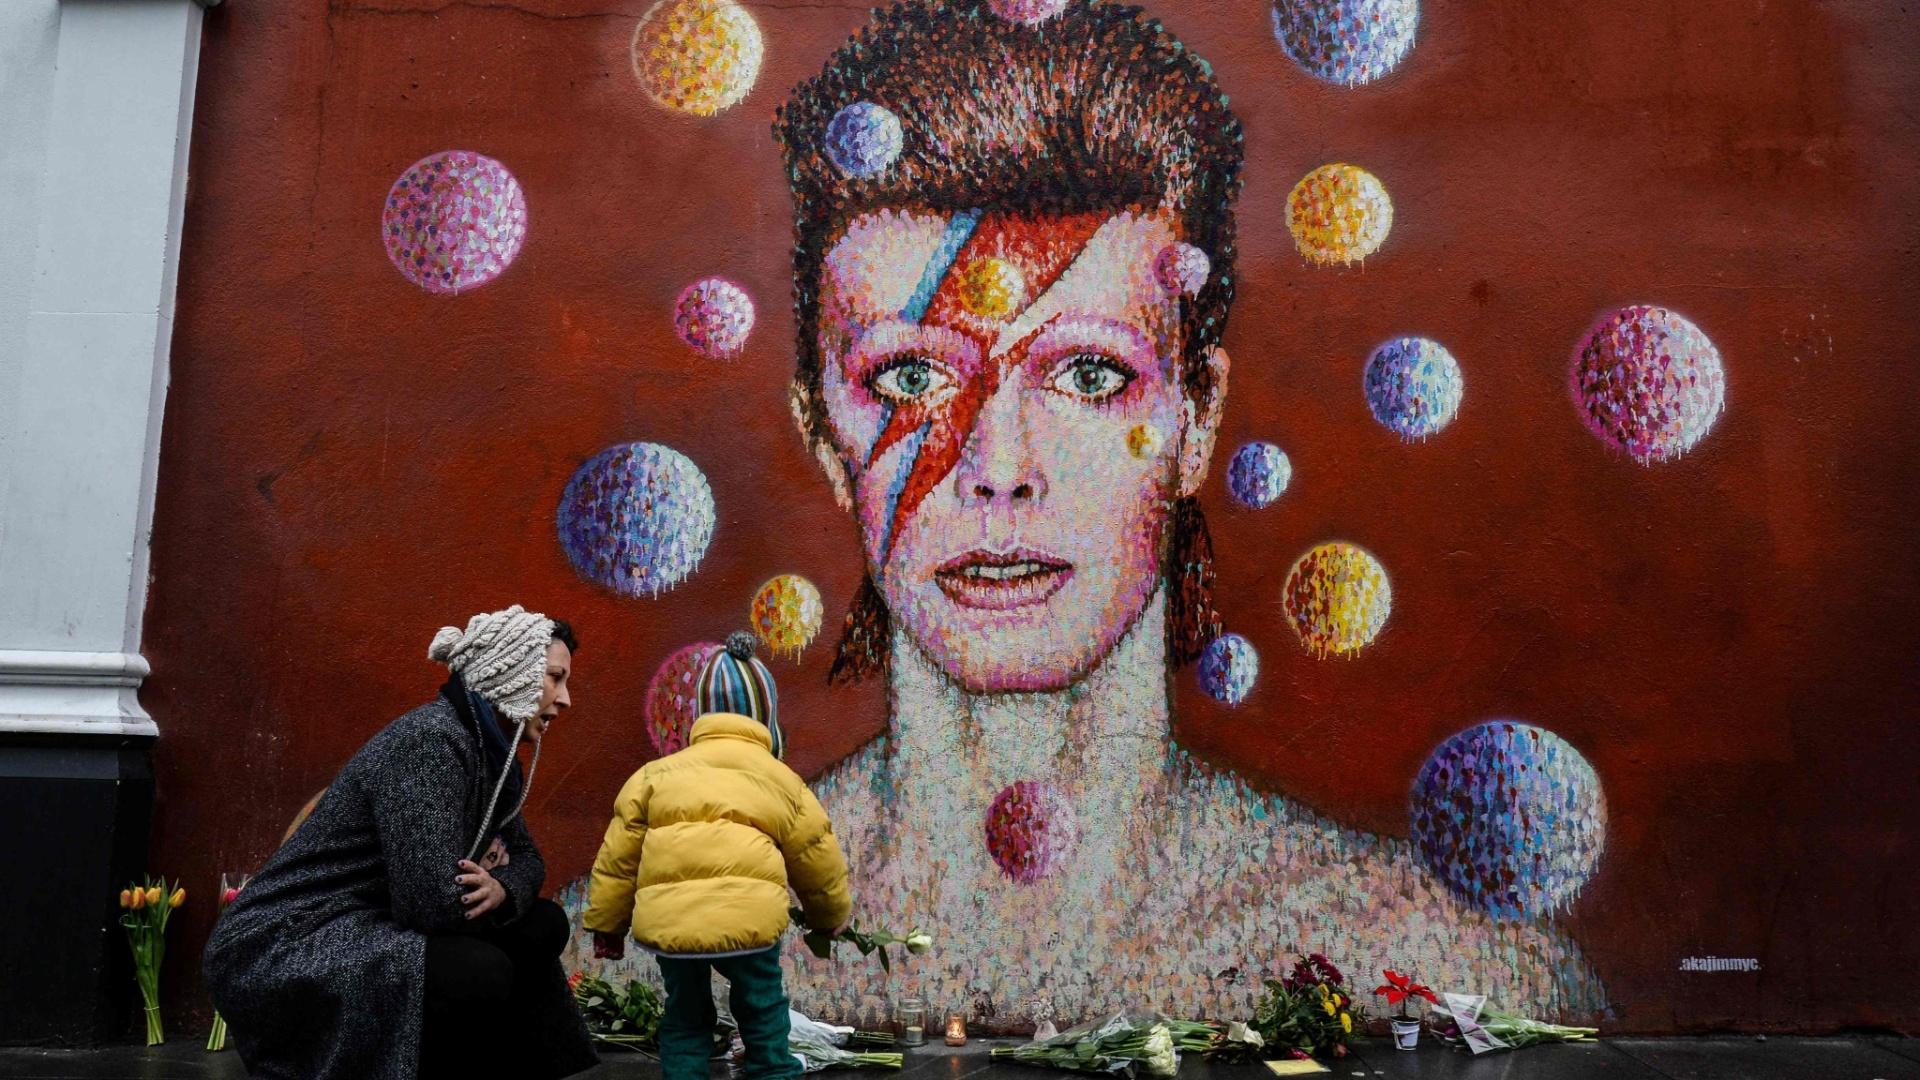 11.jan.2016 - Flores são deixadas no mural com a imagem de David Bowie, pintada pelo artista australiano Jimmy C.